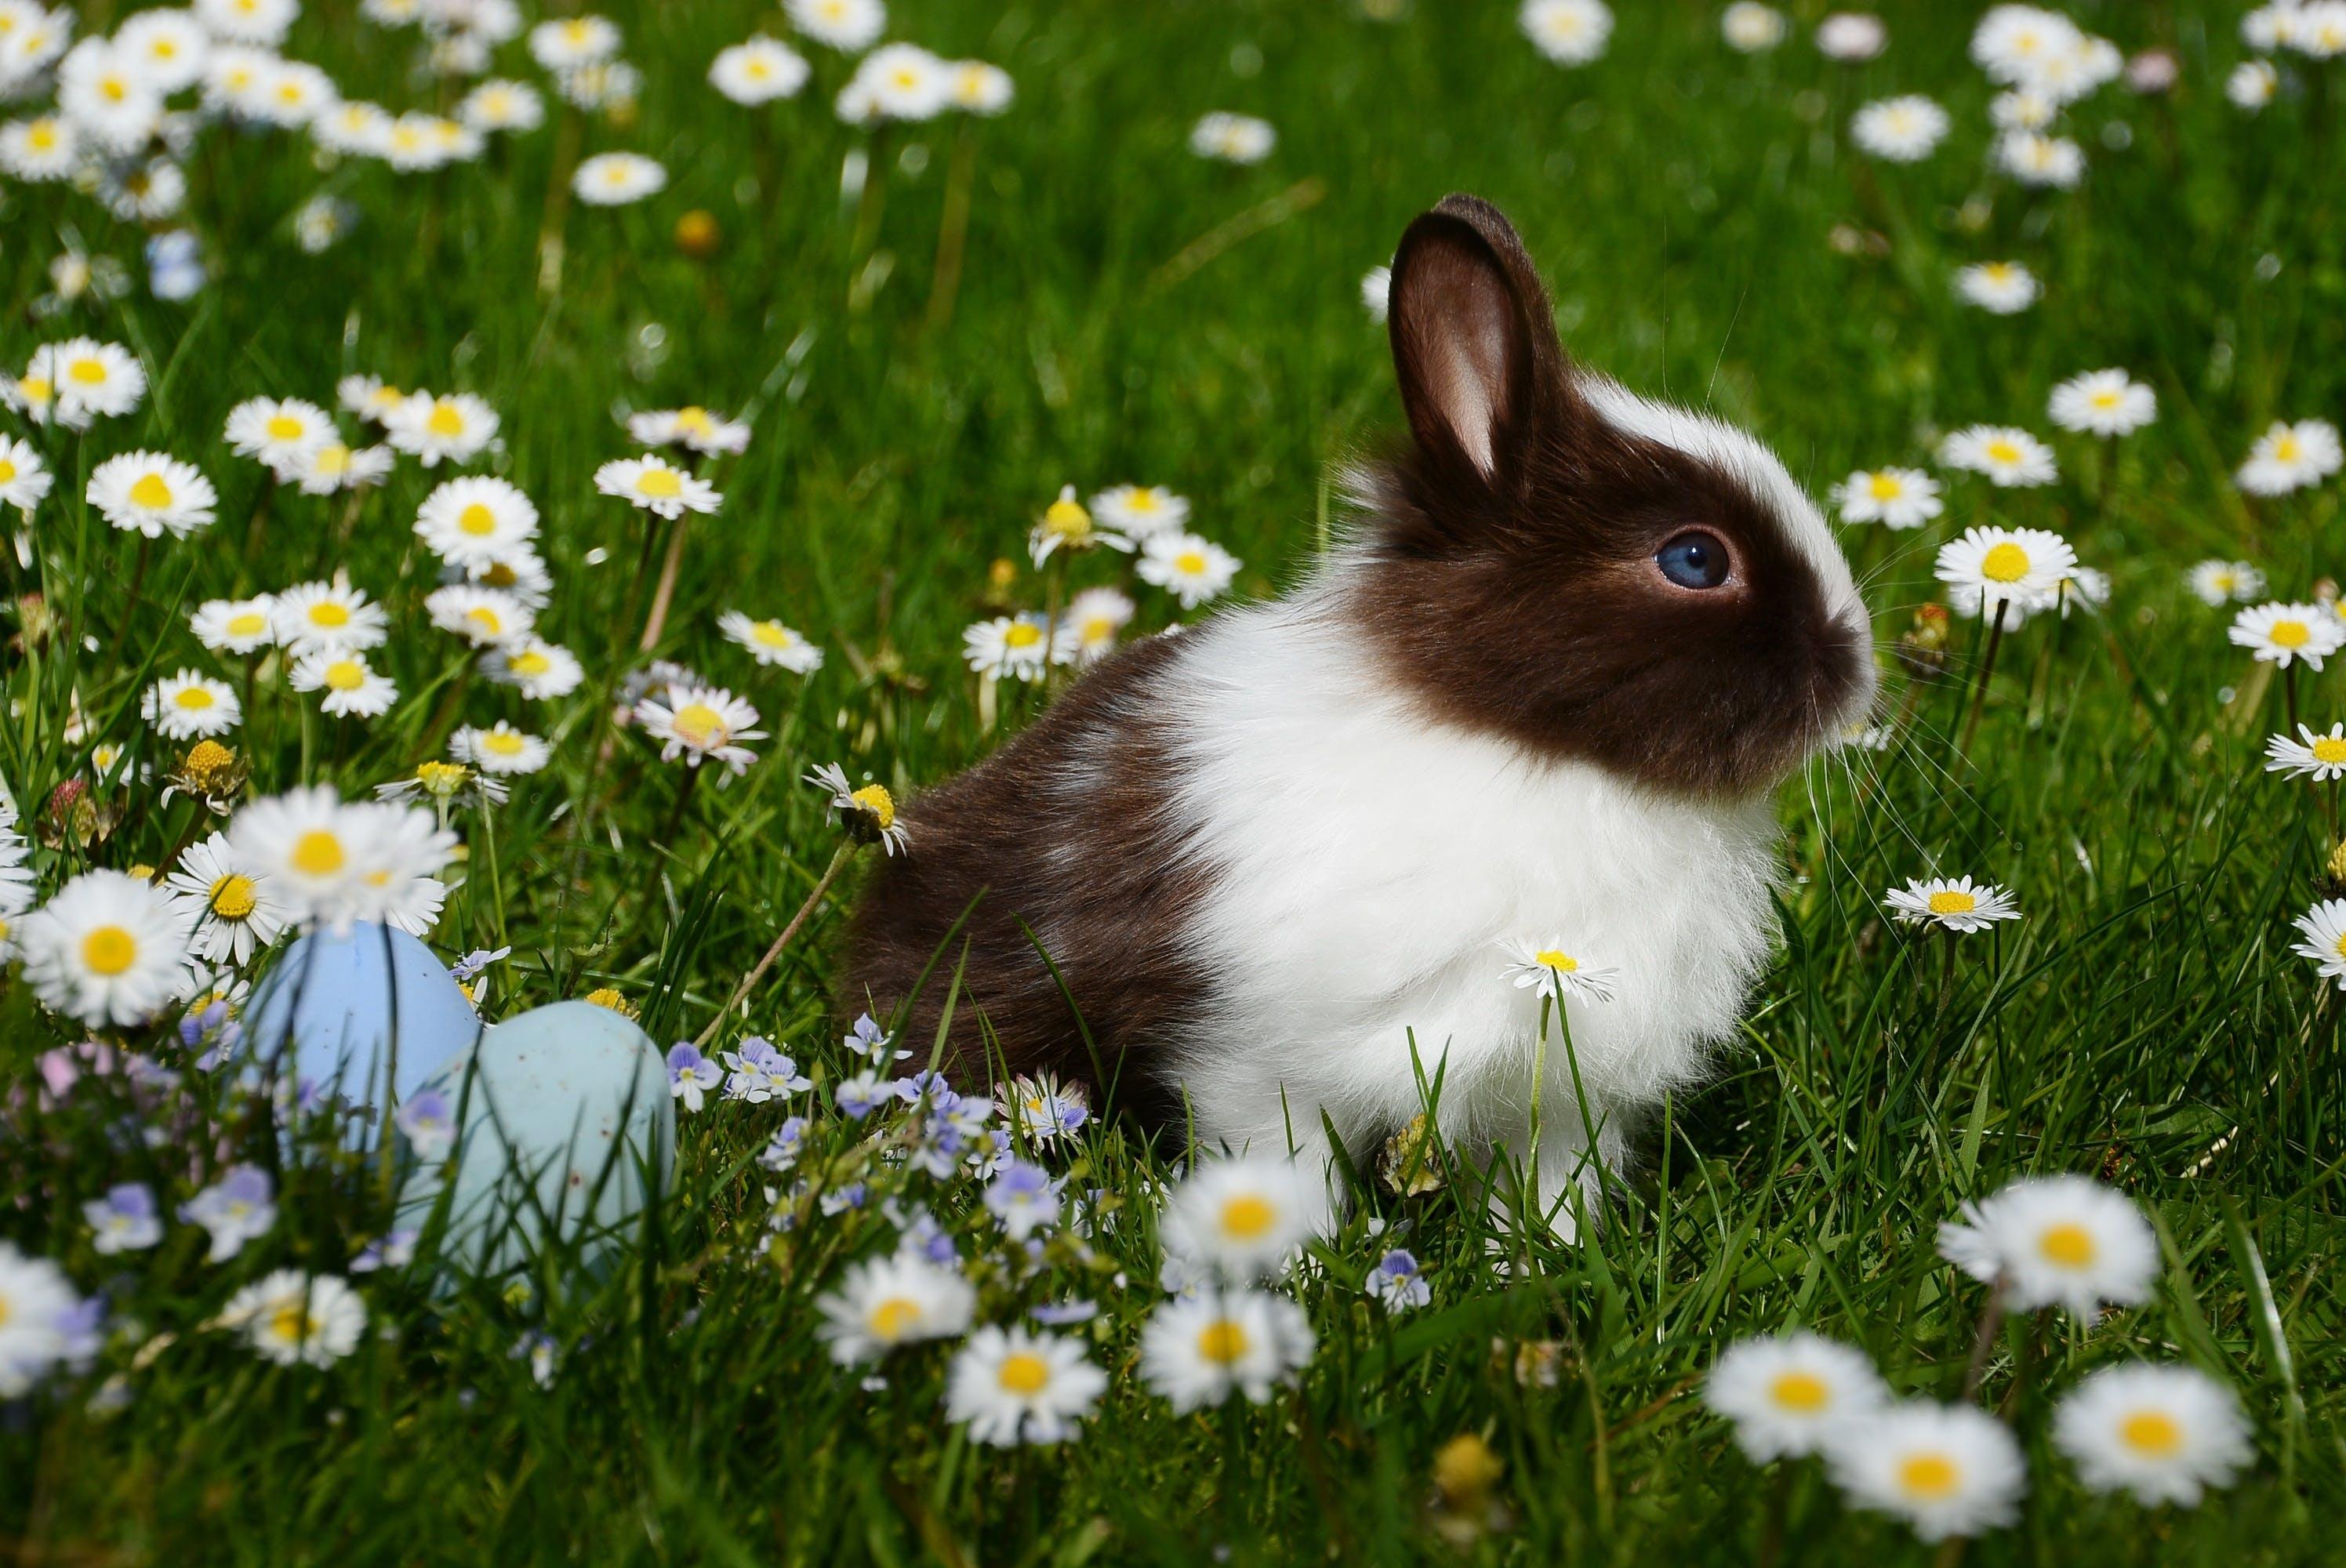 Pourquoi choisir des cosmétiques sans cruauté envers les animaux ? La triste vérité sur l'expérimentation animale